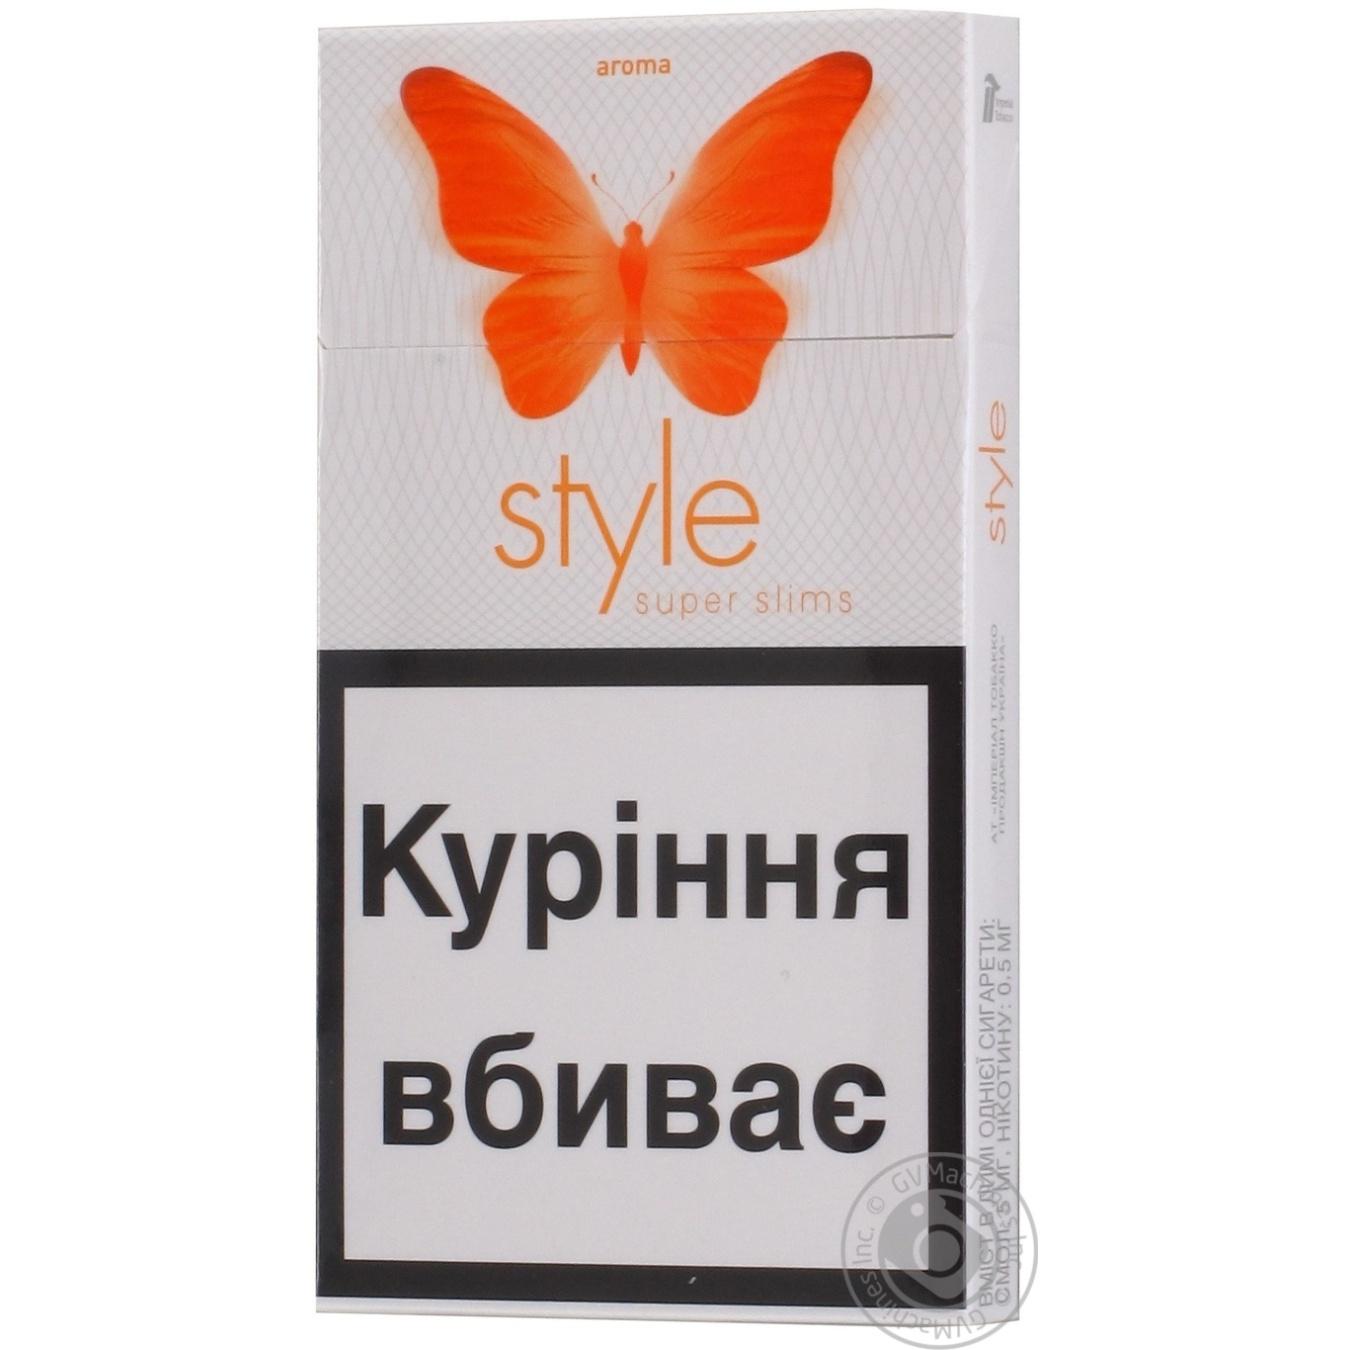 Где купить сигарет style анджело сигареты купить